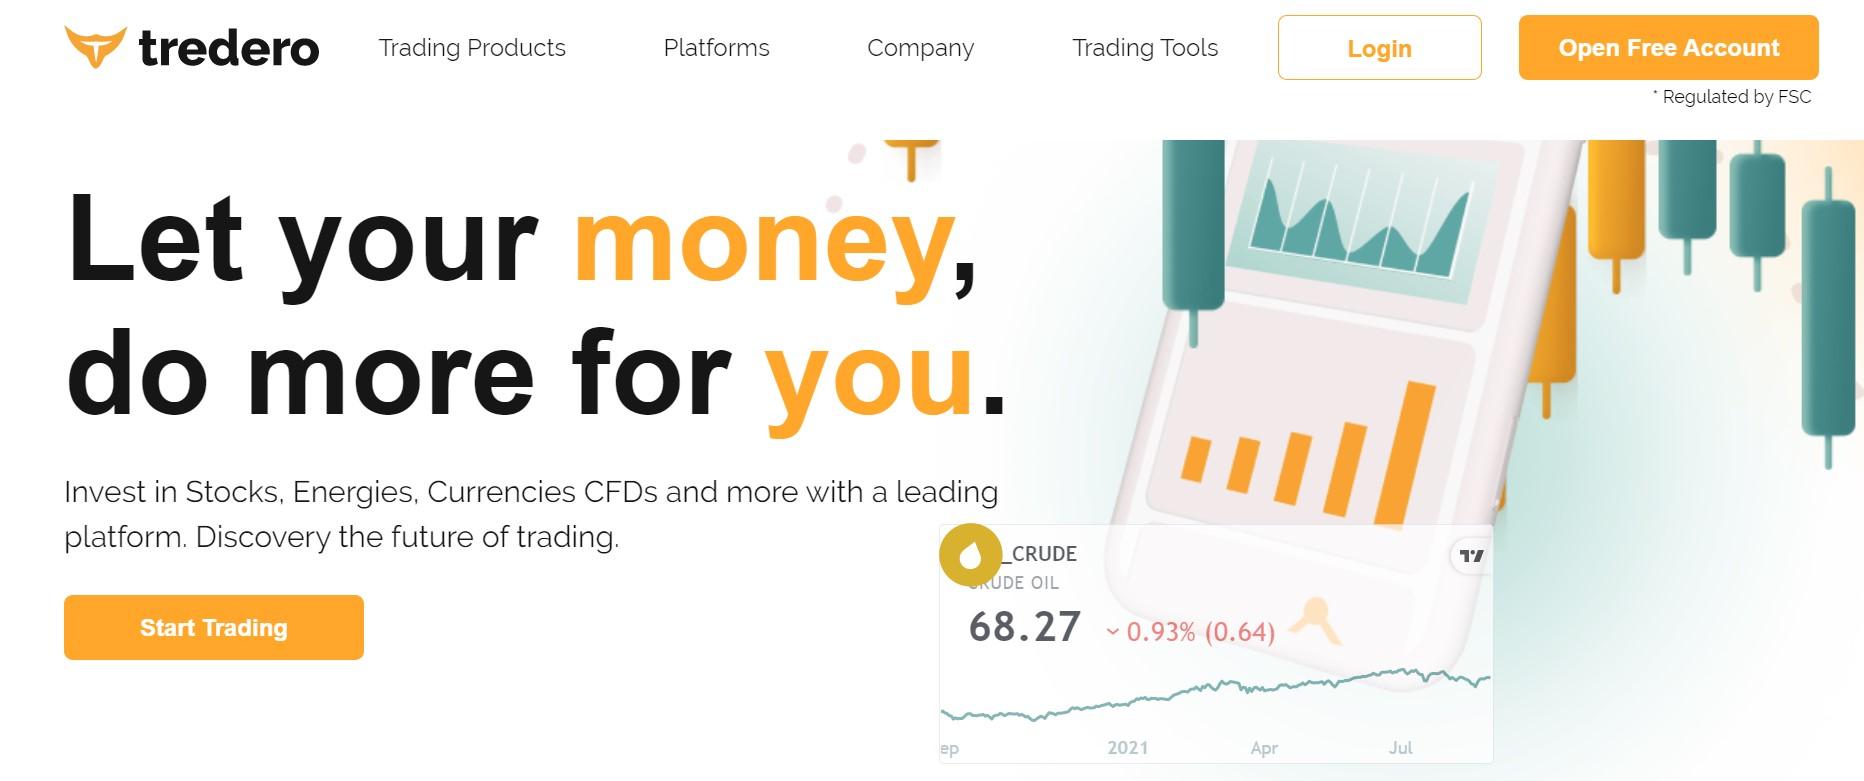 Tredero website